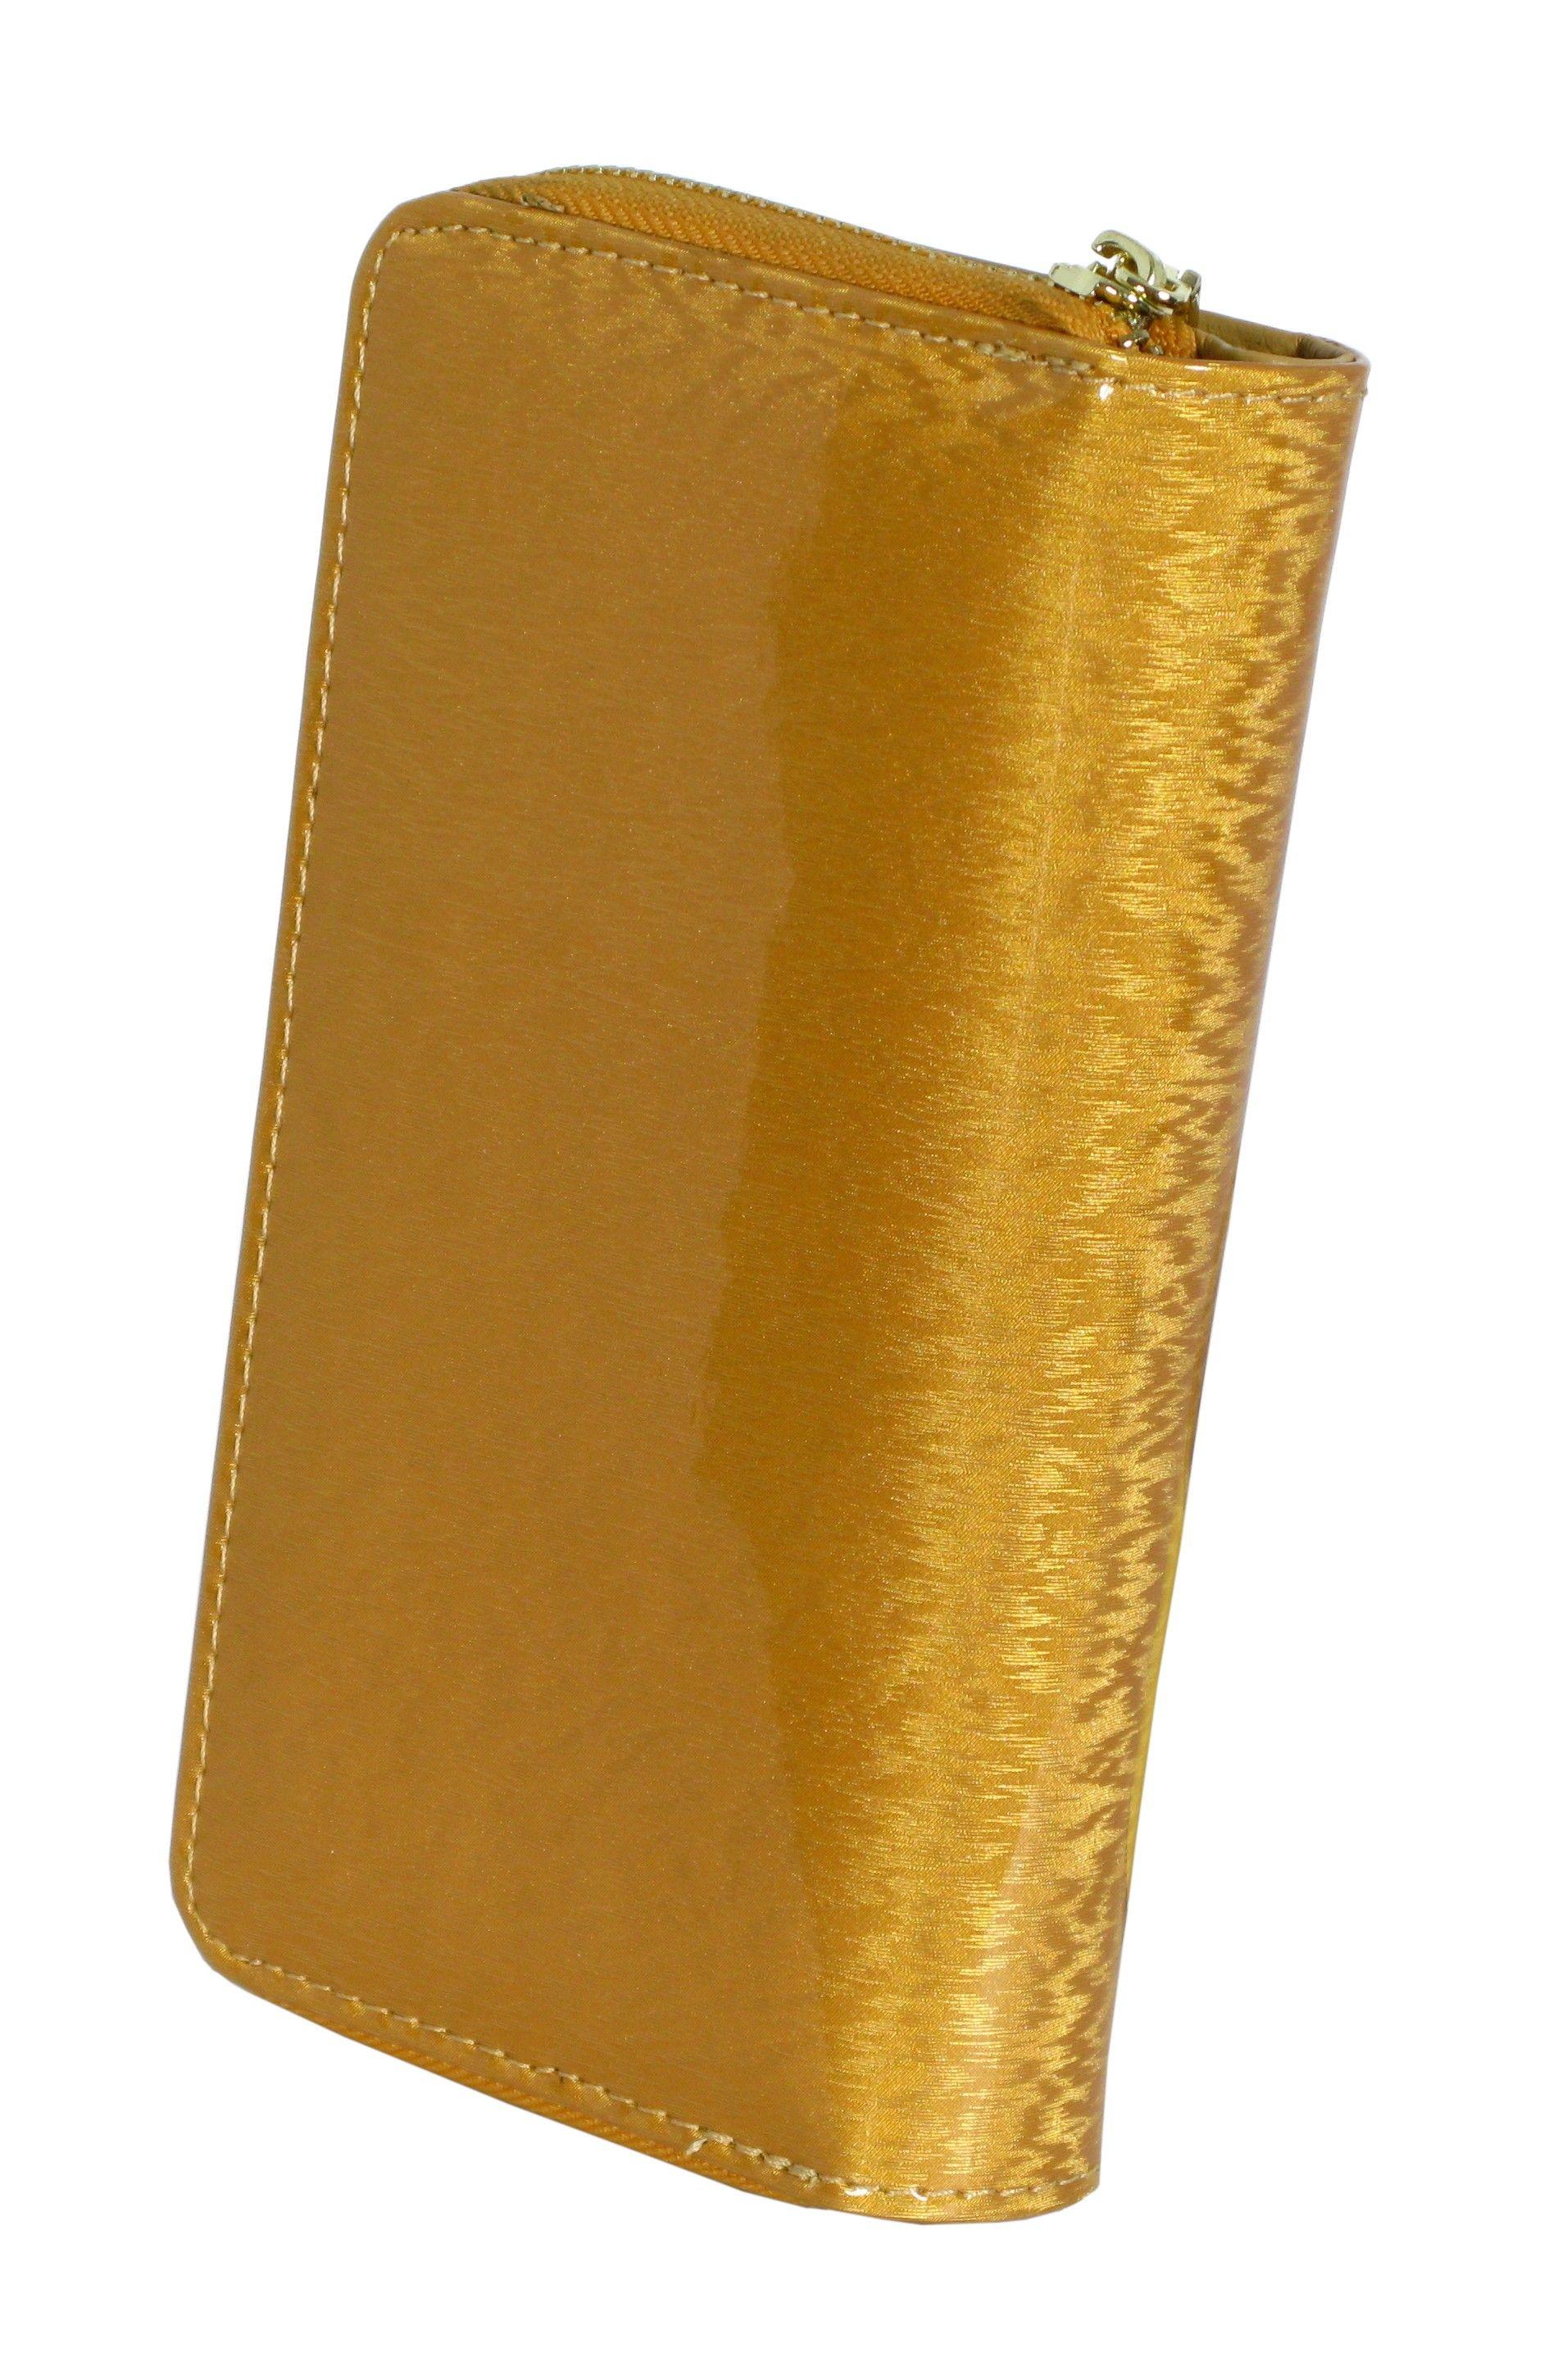 16c3189301d22 portfel damski skórzany allegro czerwony peterson lakierowany portfel  damski skórzany allegro czarny peterson lakierowany ...